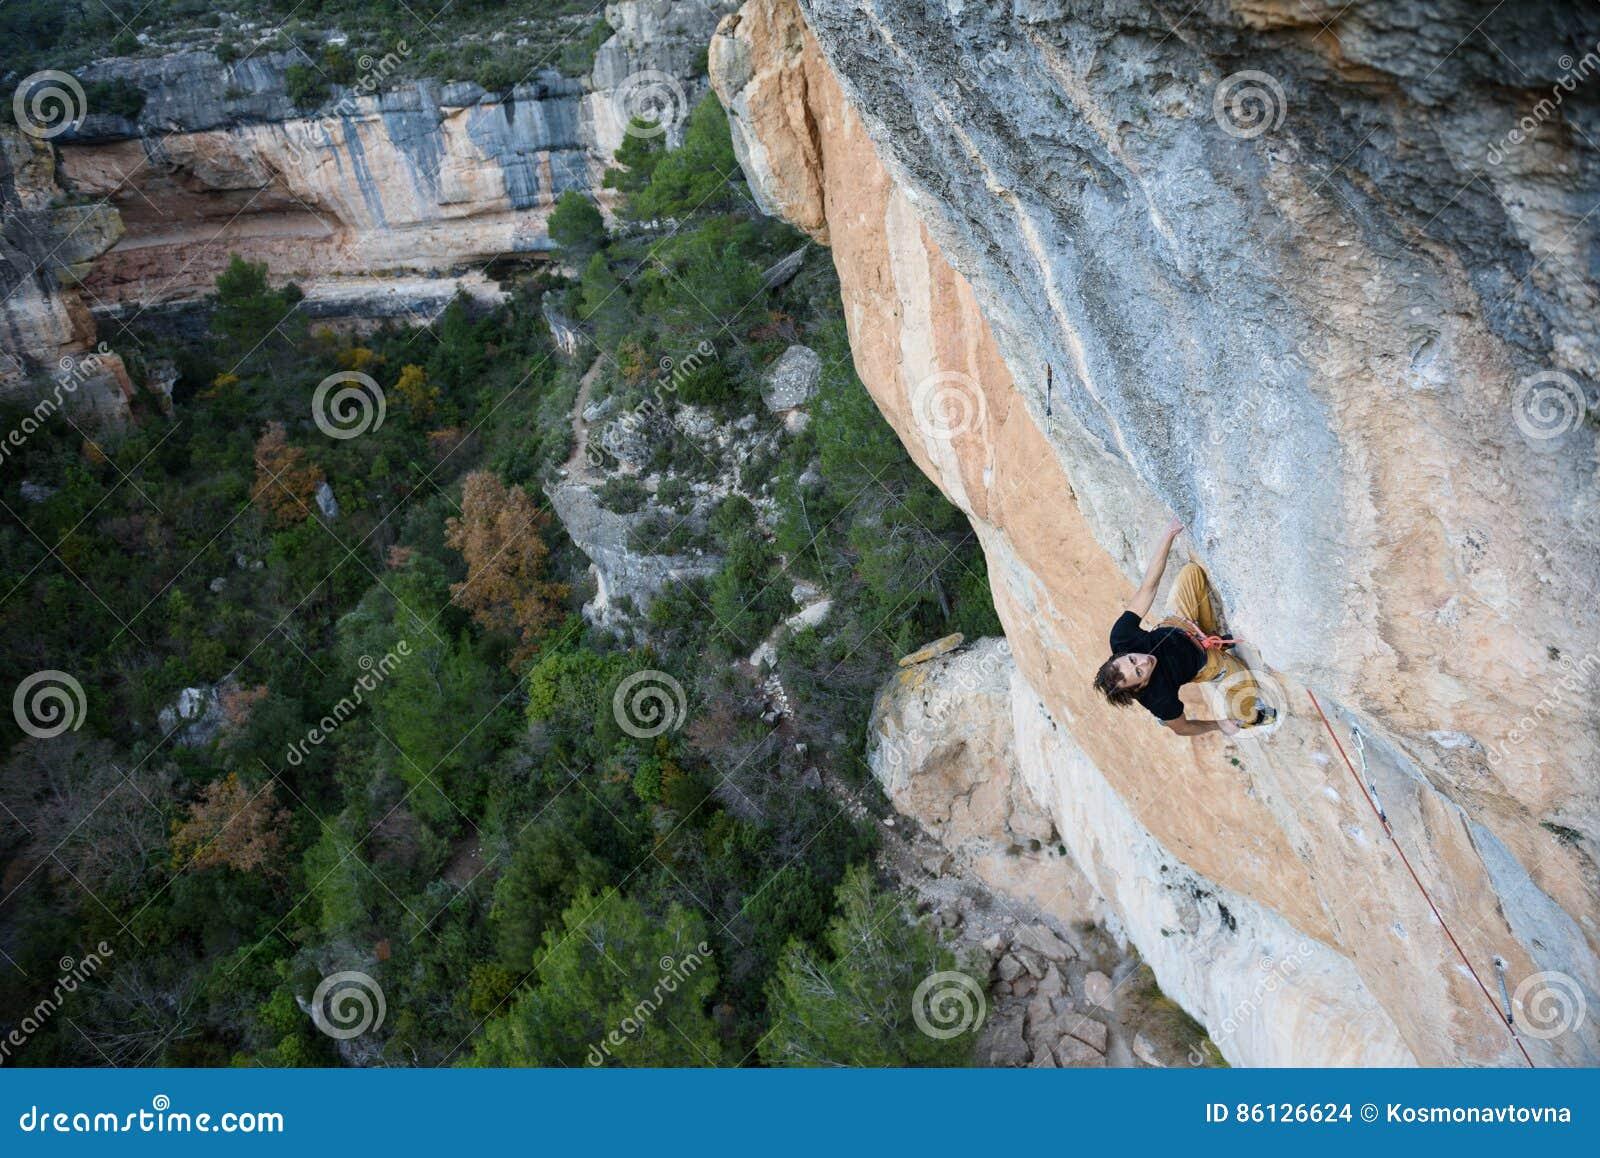 Sport en plein air Grimpeur de roche ayant un repos sur une falaise S élever extrême de sport